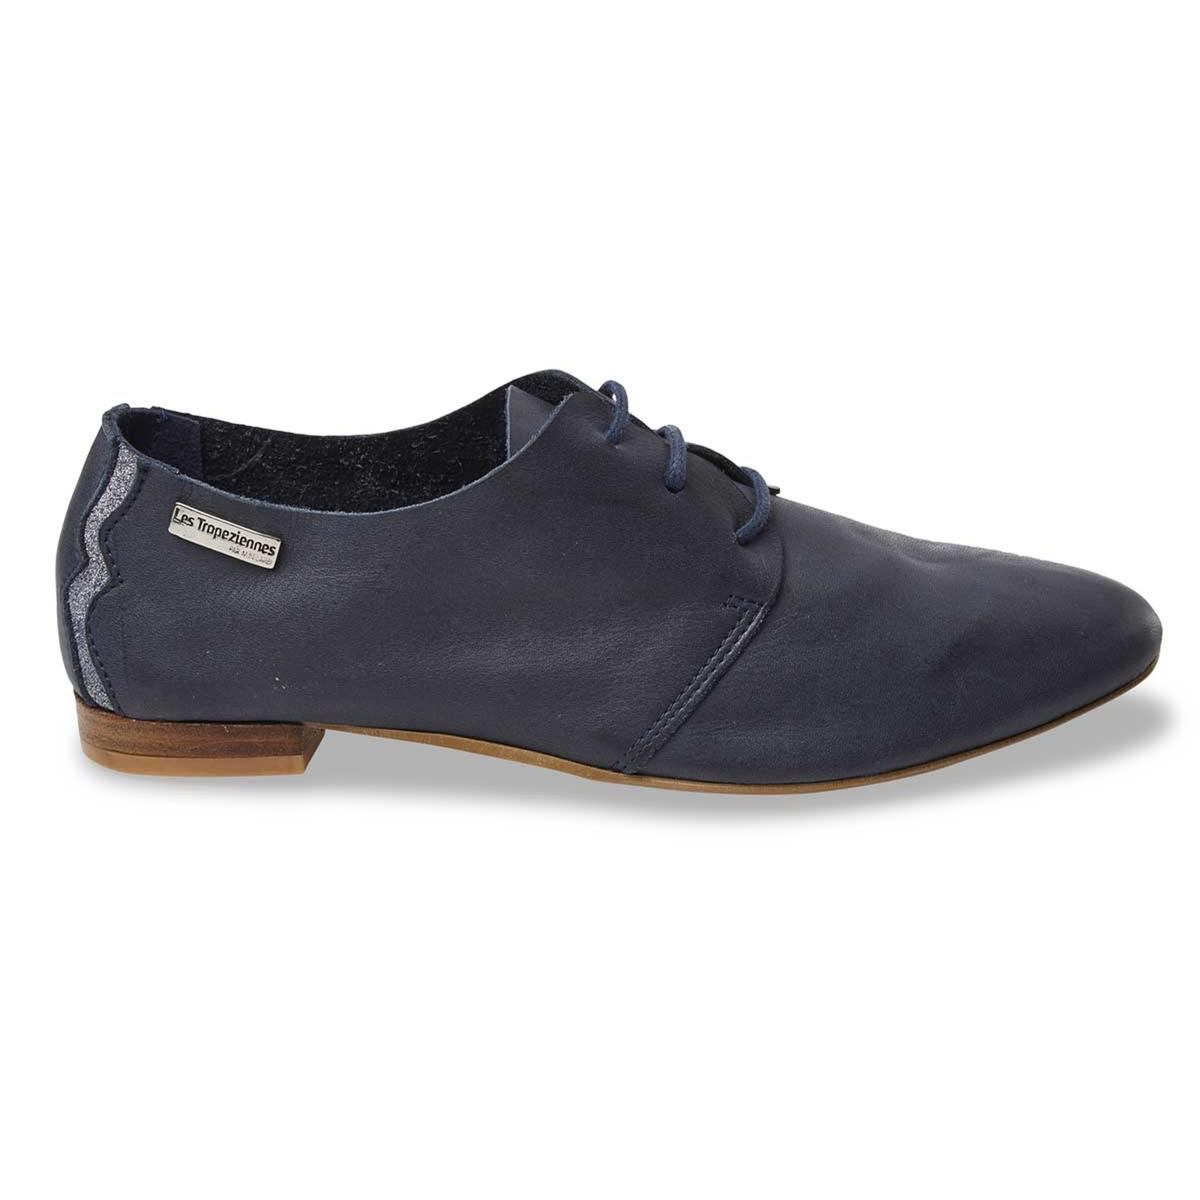 Ботинки-дерби из мягкой кожи TakarikaВерх/Голенище: кожа.   Стелька: кожа.  Подошва: синтетика.Форма каблука: плоский каблук.  Мысок: закругленный.Застежка: шнуровка.<br><br>Цвет: каштановый,синий морской<br>Размер: 41.36